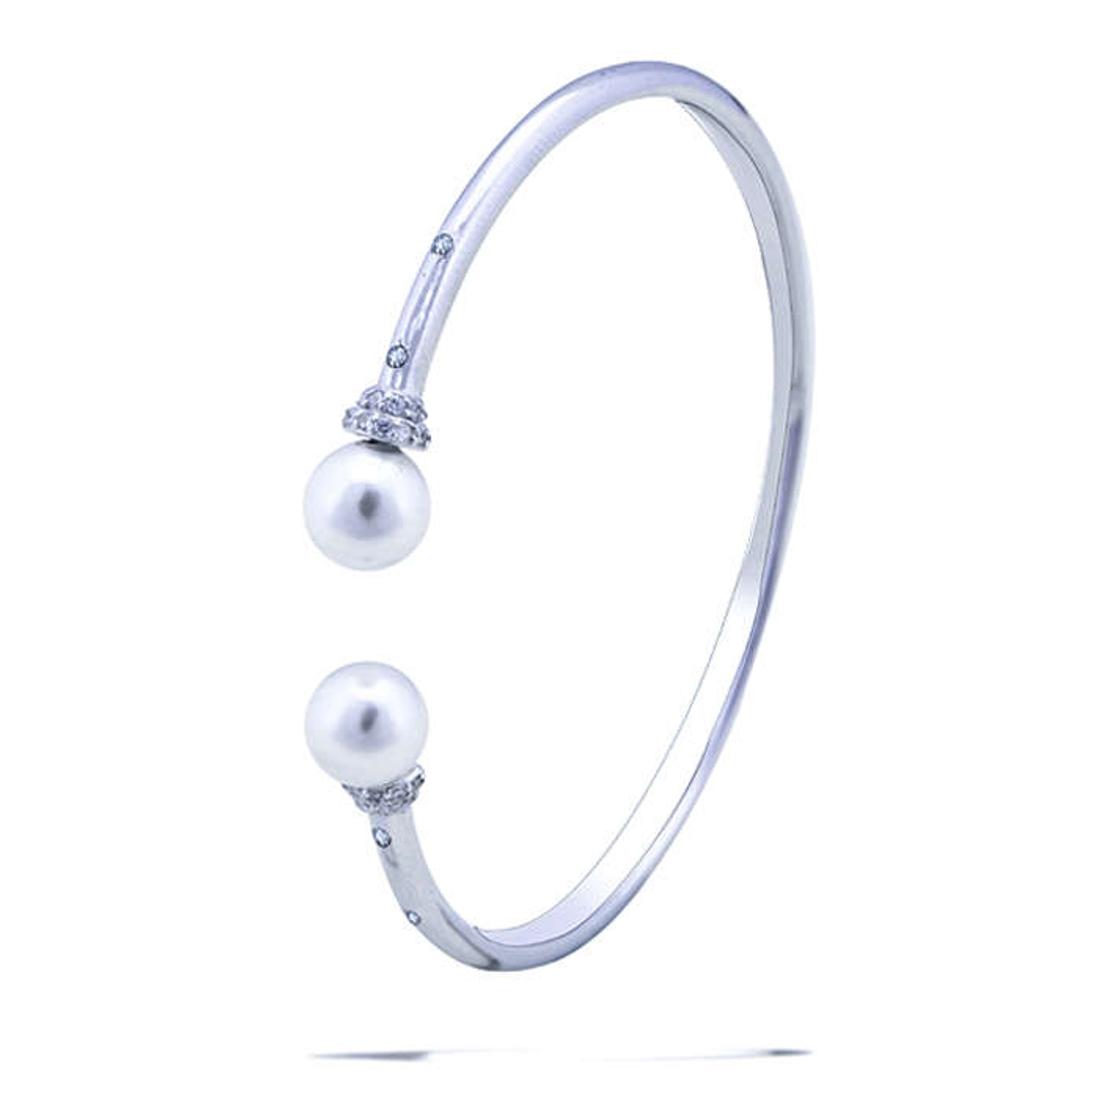 Silver Shine 92.5 Sterling SilverBeautiful Silver Hard Bracelet for Women & Girls